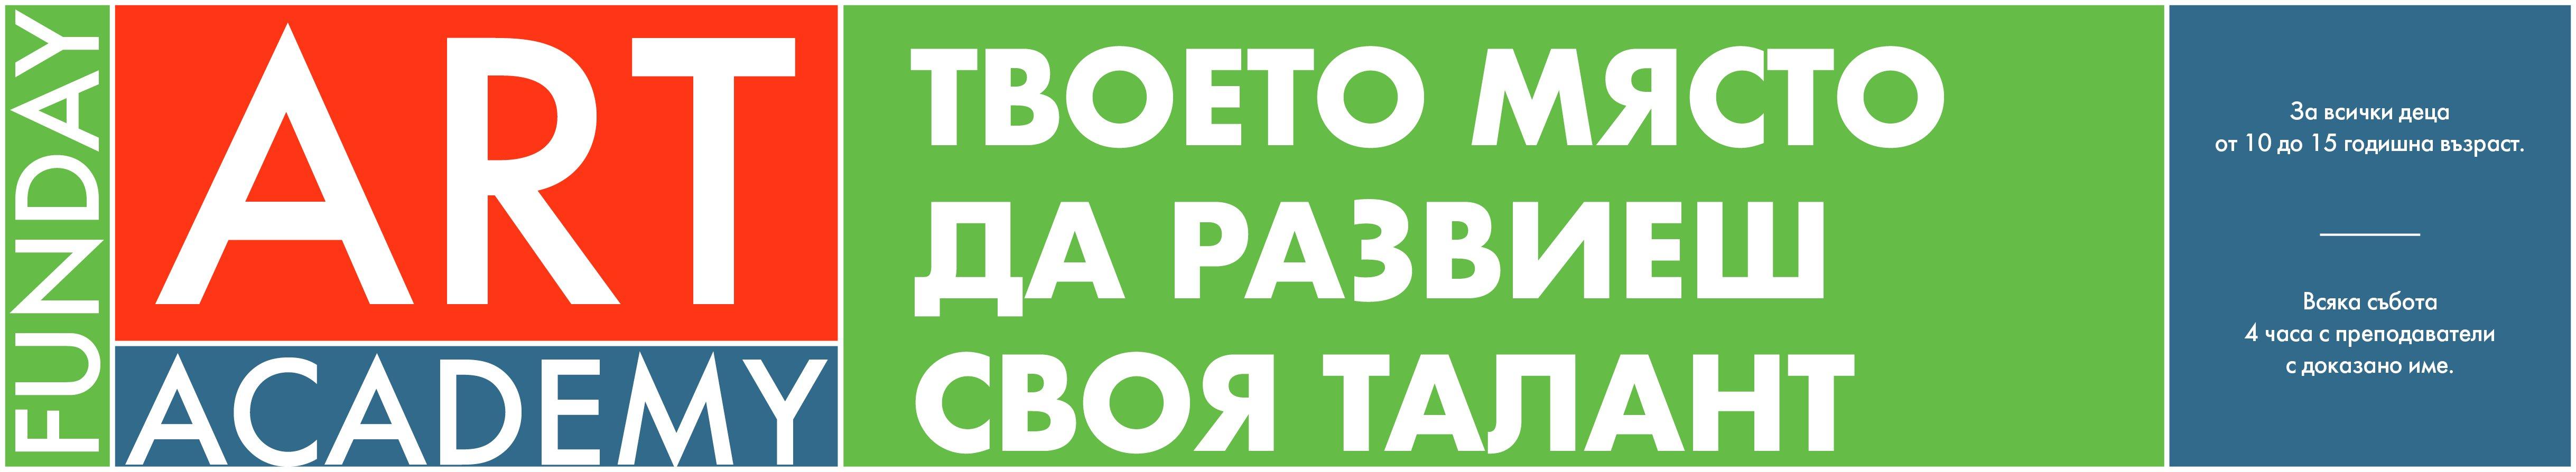 Art academy banner